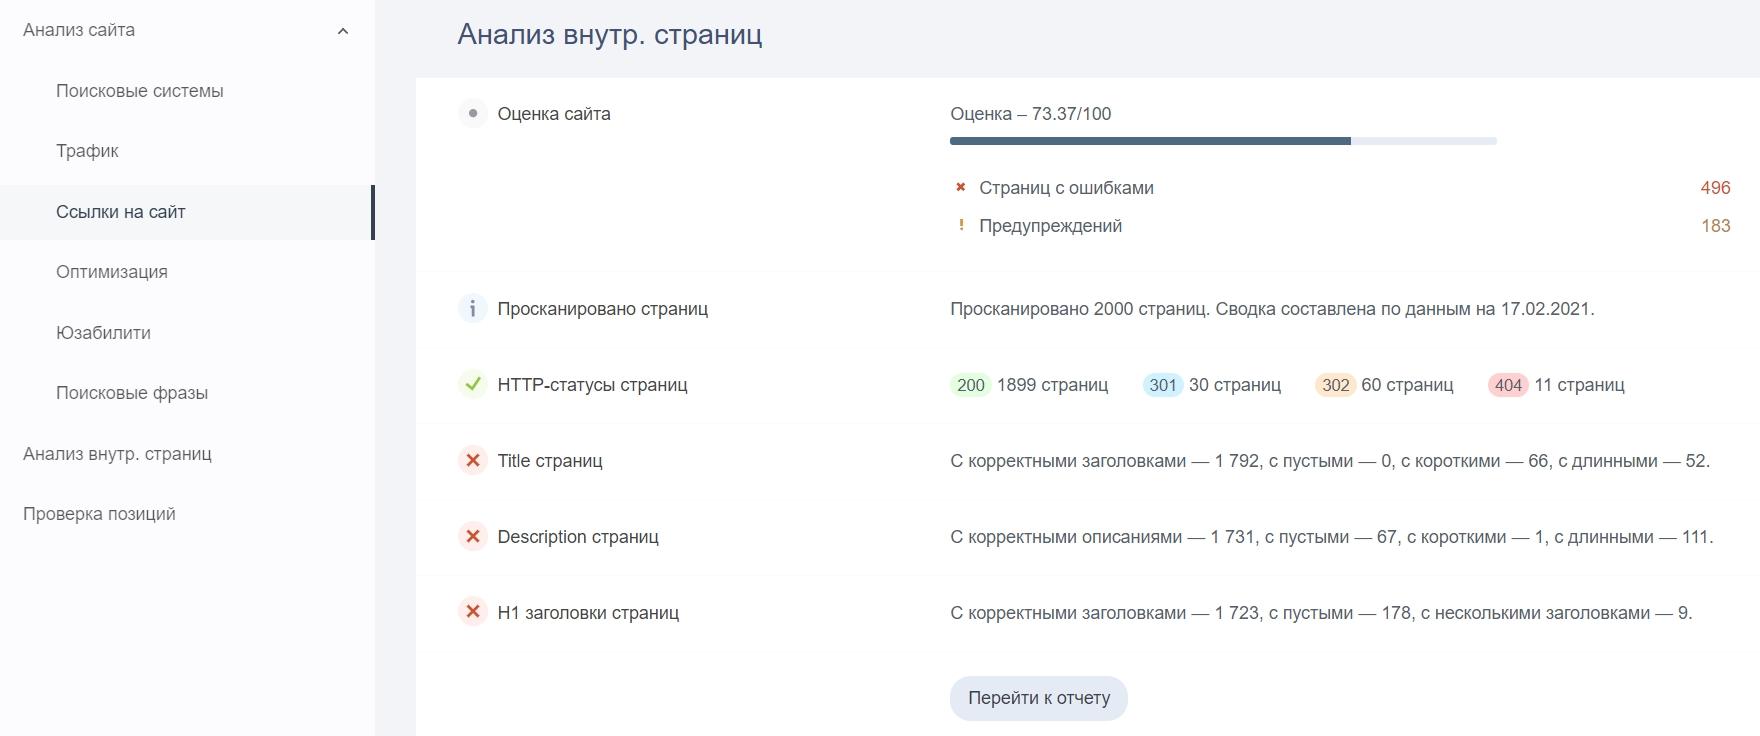 Онлайн проверка сайта